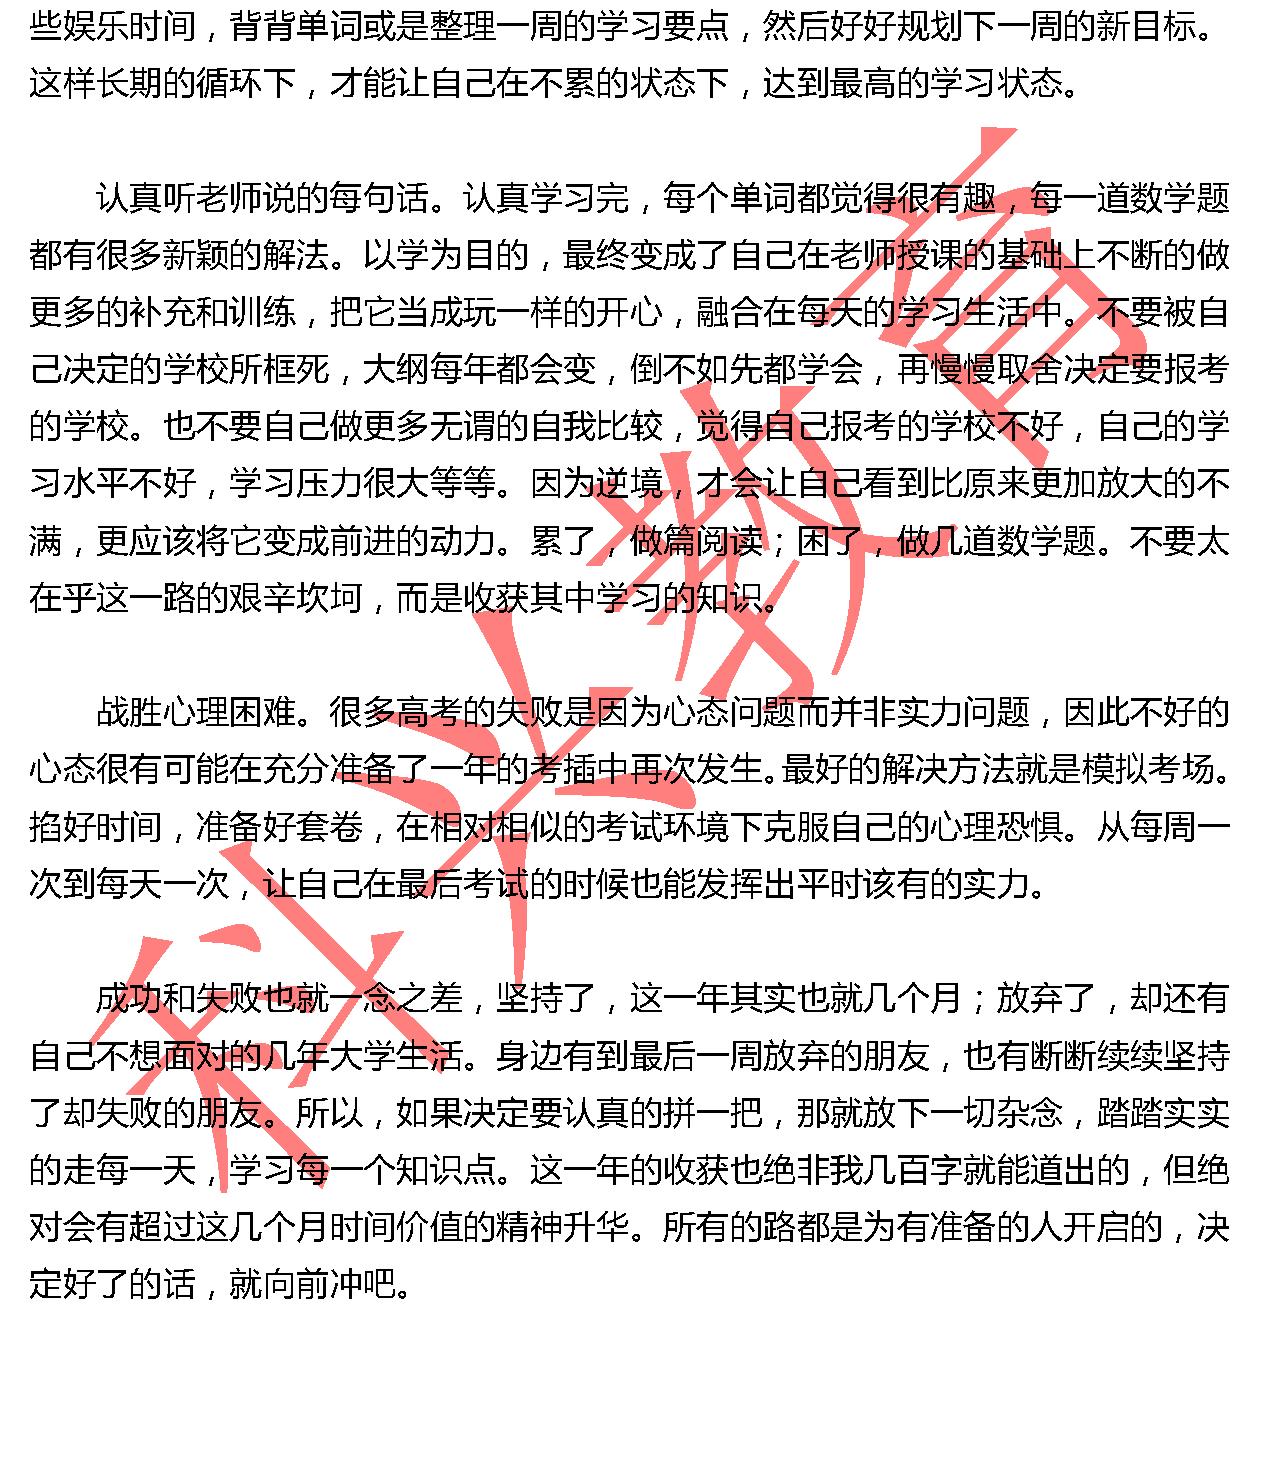 海事高珮珏:不鸣则已 一鸣惊人(17届)